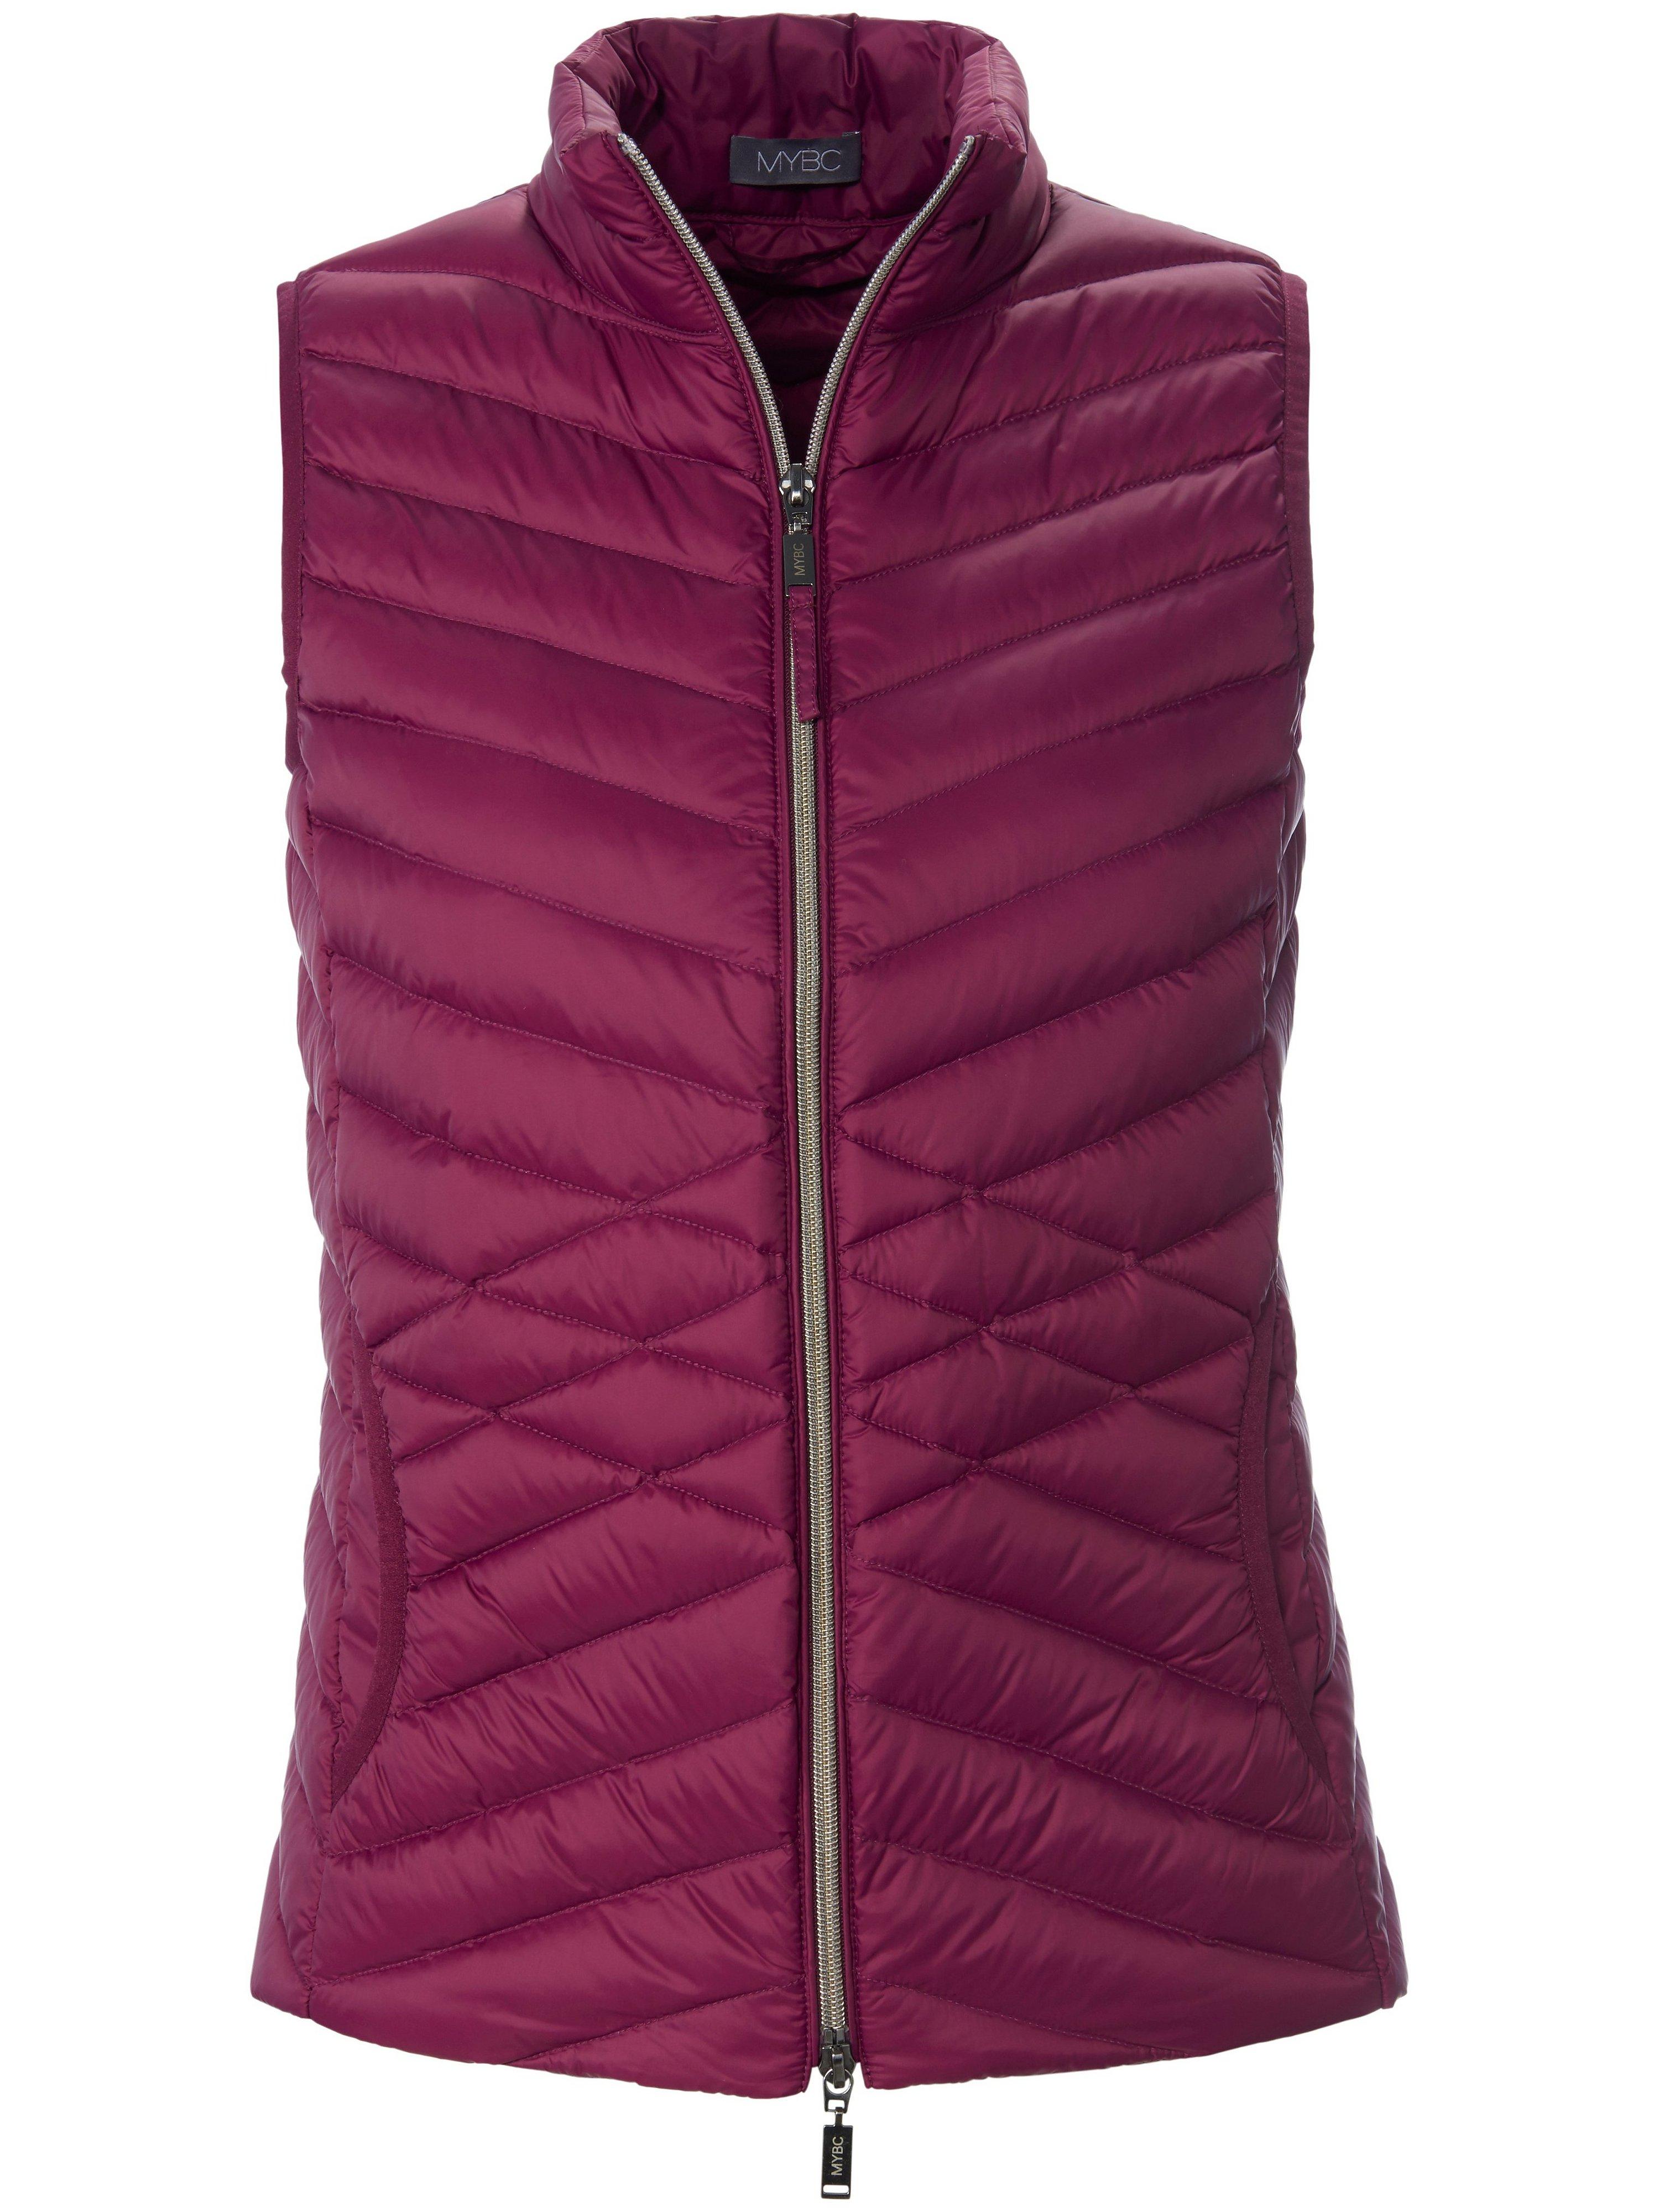 Watté-bodywarmer staande kraag Van MYBC roze